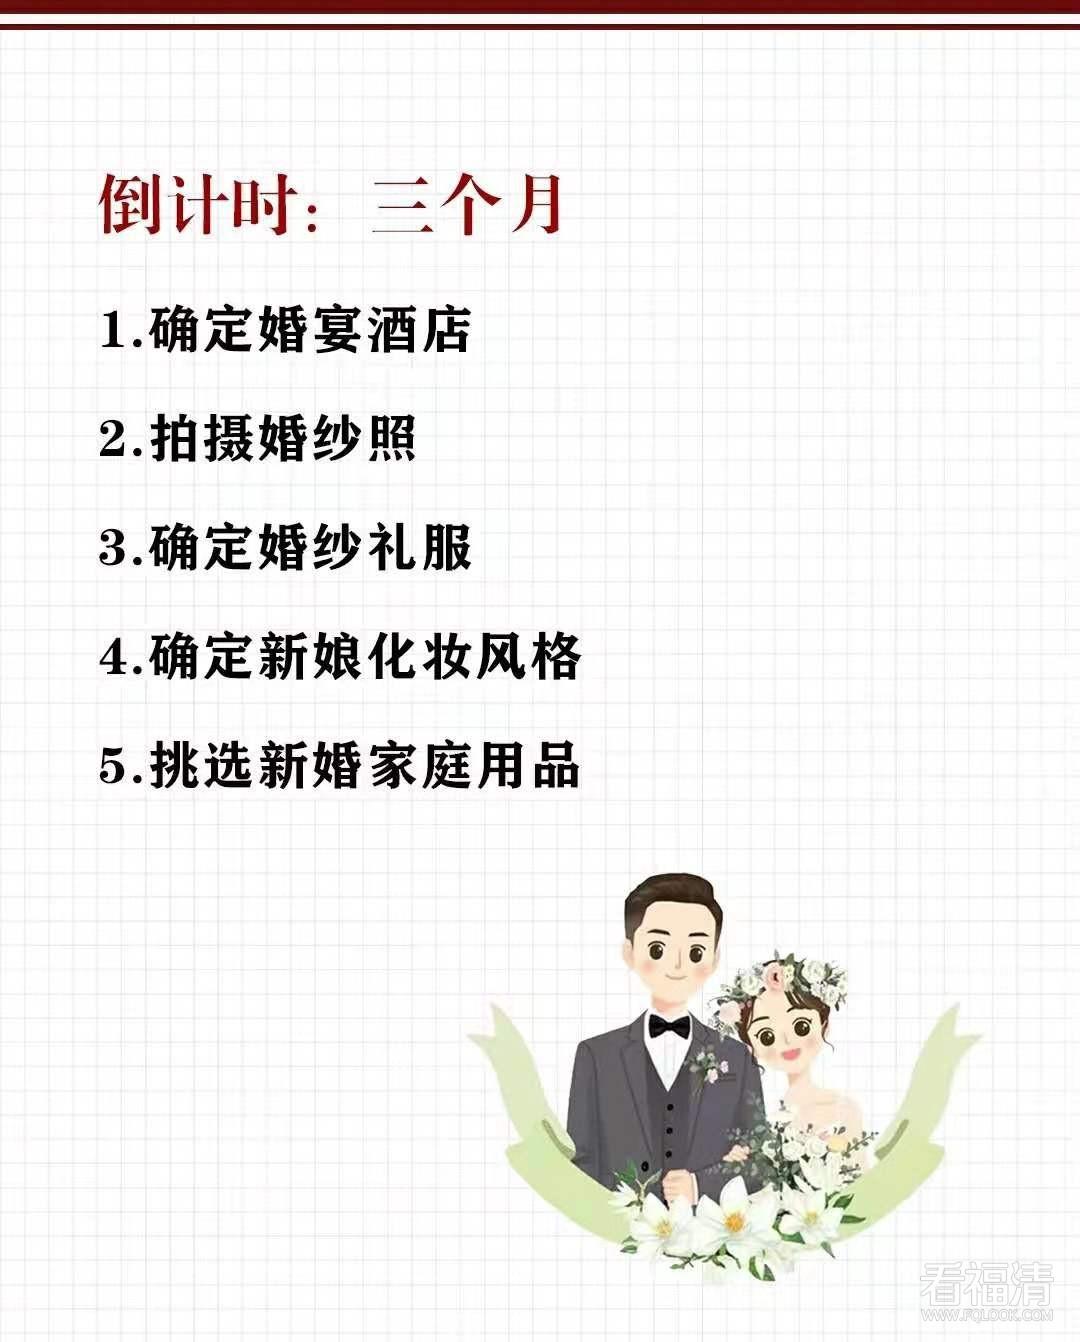 备婚时间表|一分钟看完,清晰明了超实用!